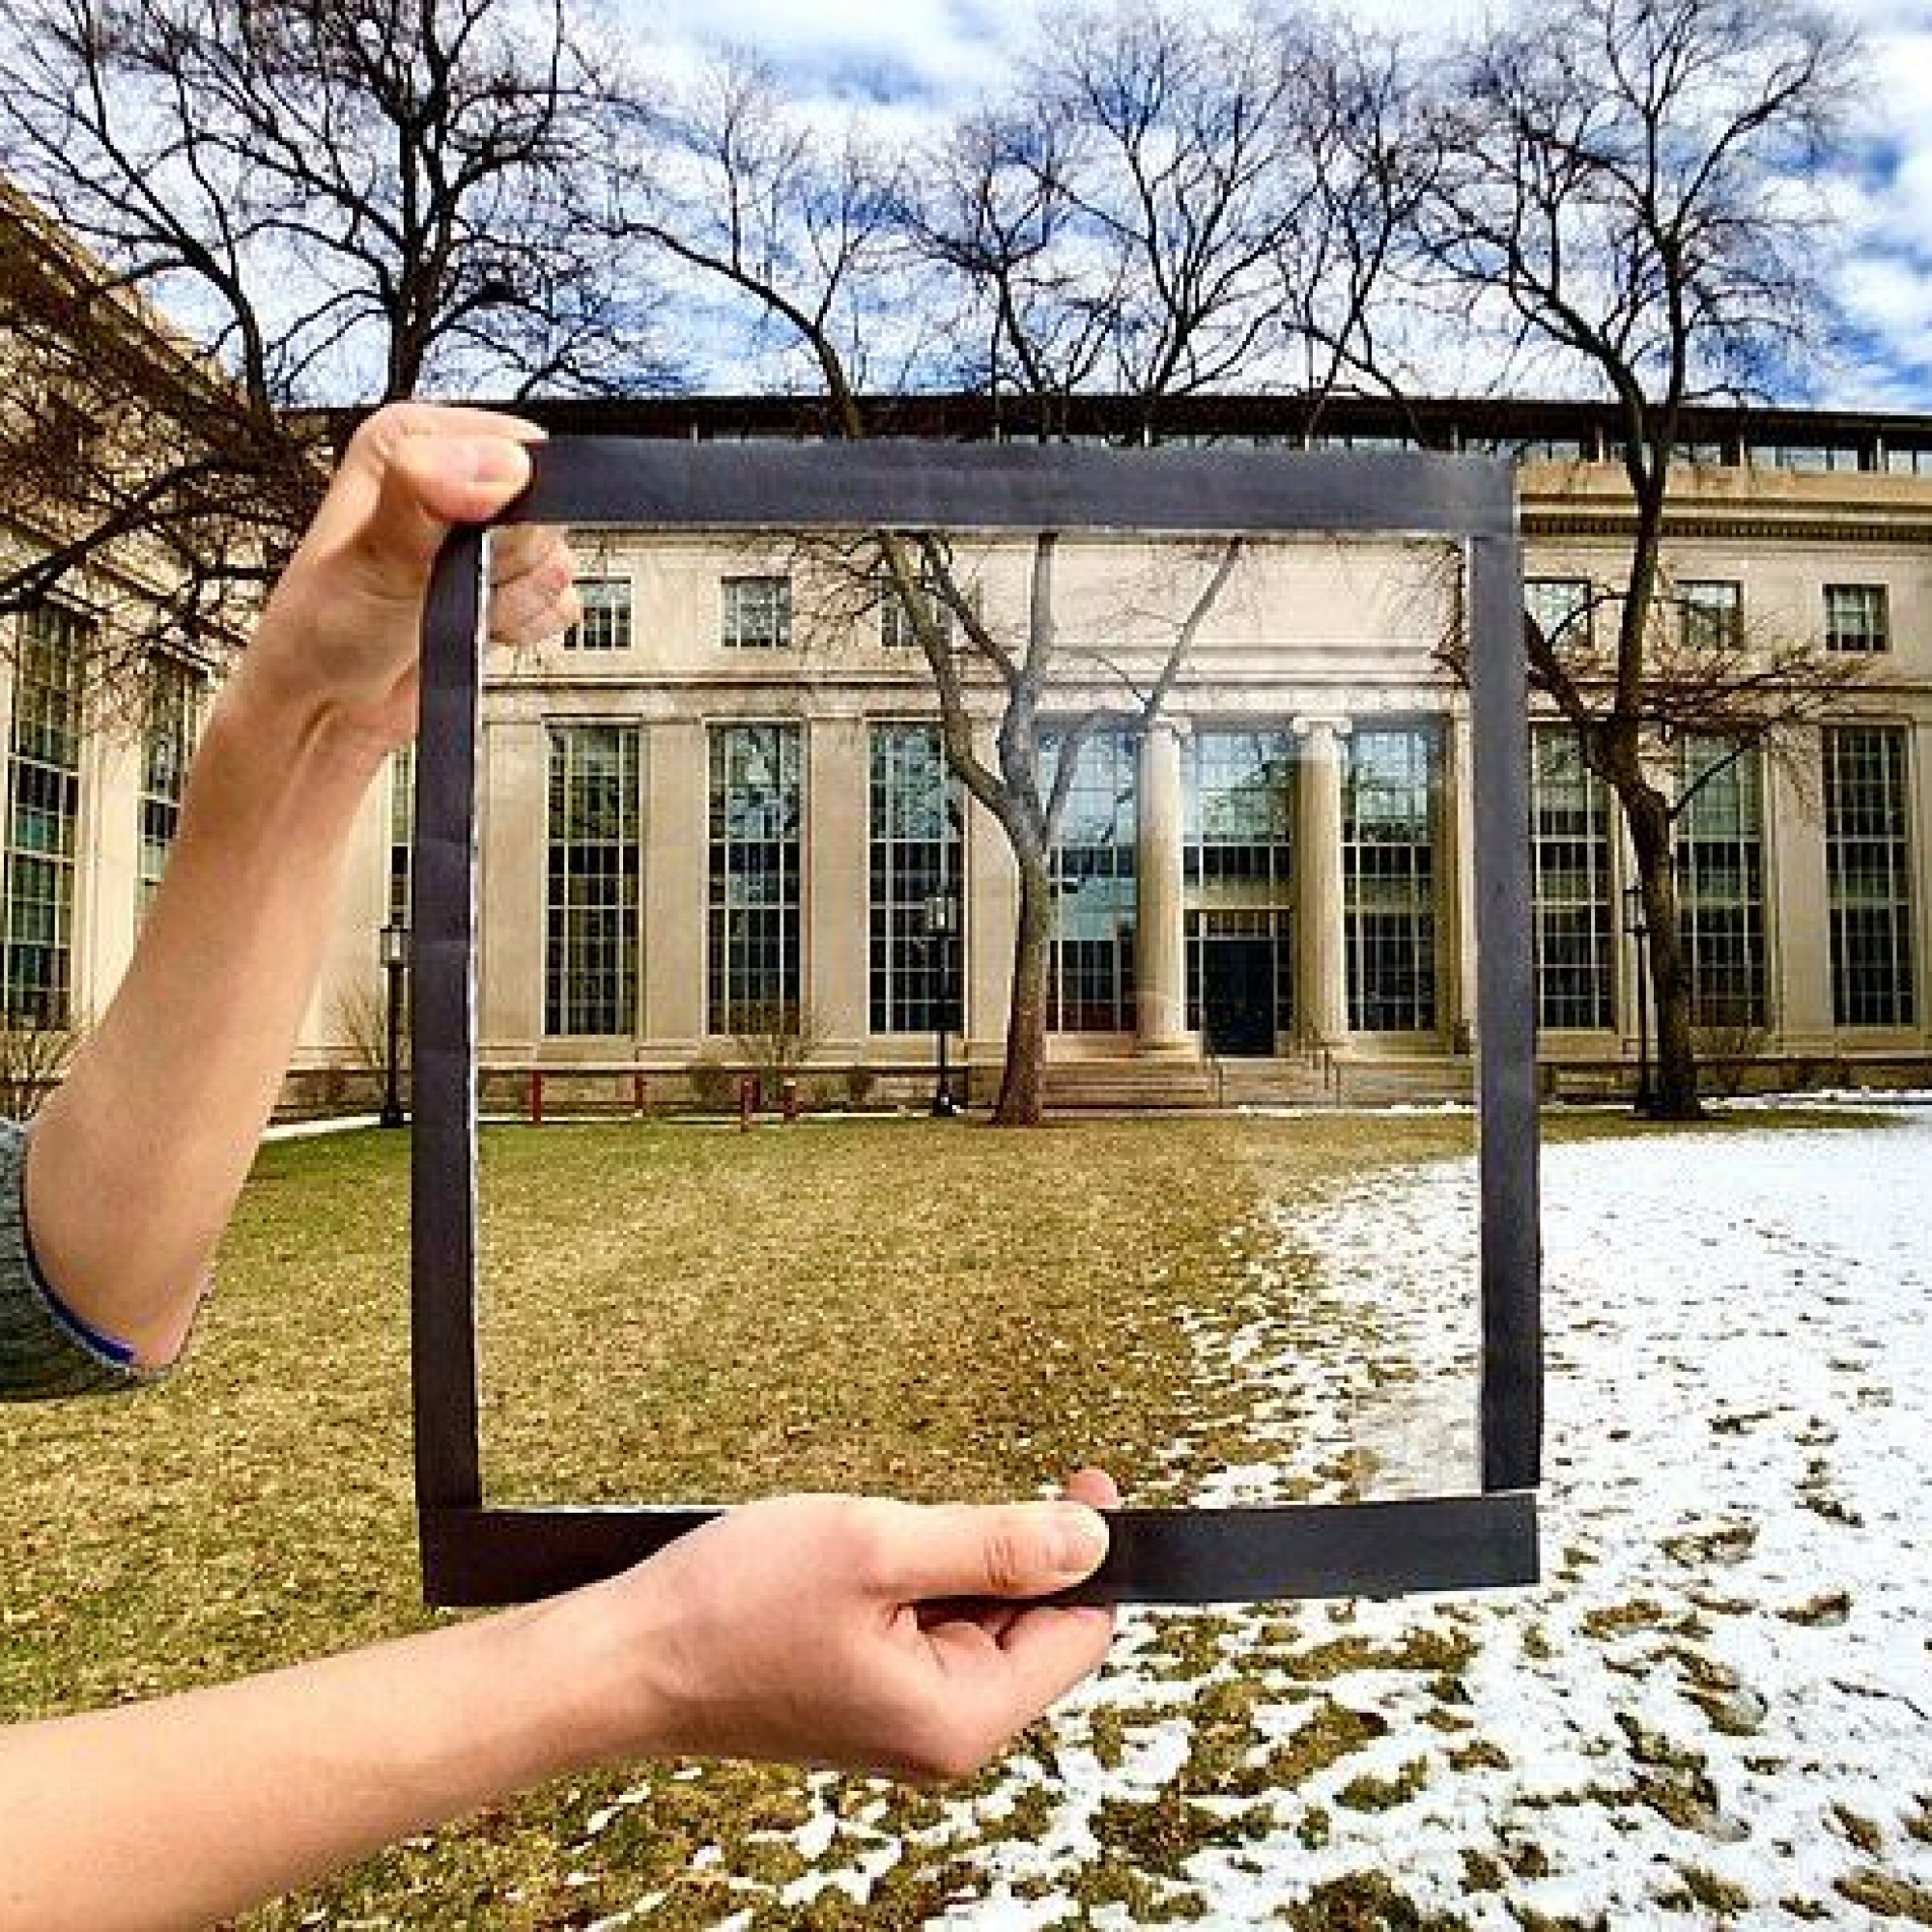 Mann hält Fensterglasscheibe mit Wärmeschutzfolie darauf, im Hintergrund ein Hof